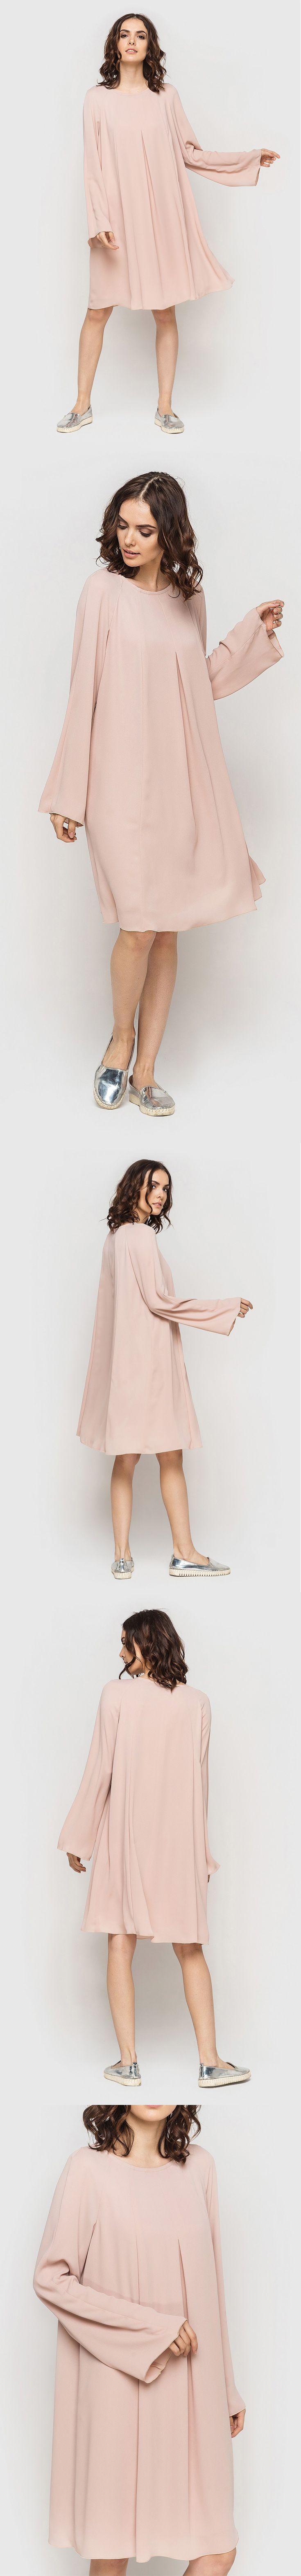 Платье мини рукава клеш креп-шифон пудровое 890 грн. Нежность и женственность, которыми наполнена данная модель платья мини, способна превратить Вас в истинную леди. В первую очередь это достигается за счет нежного пудрового цвета, подчеркивающего Вашу романтичную натуру. Свободный крой платья, и длина мини отлично сочетаются, добавляя look'у легкости, а Вам уверенности, ведь ничто не будет сковывать движений. #VOVK